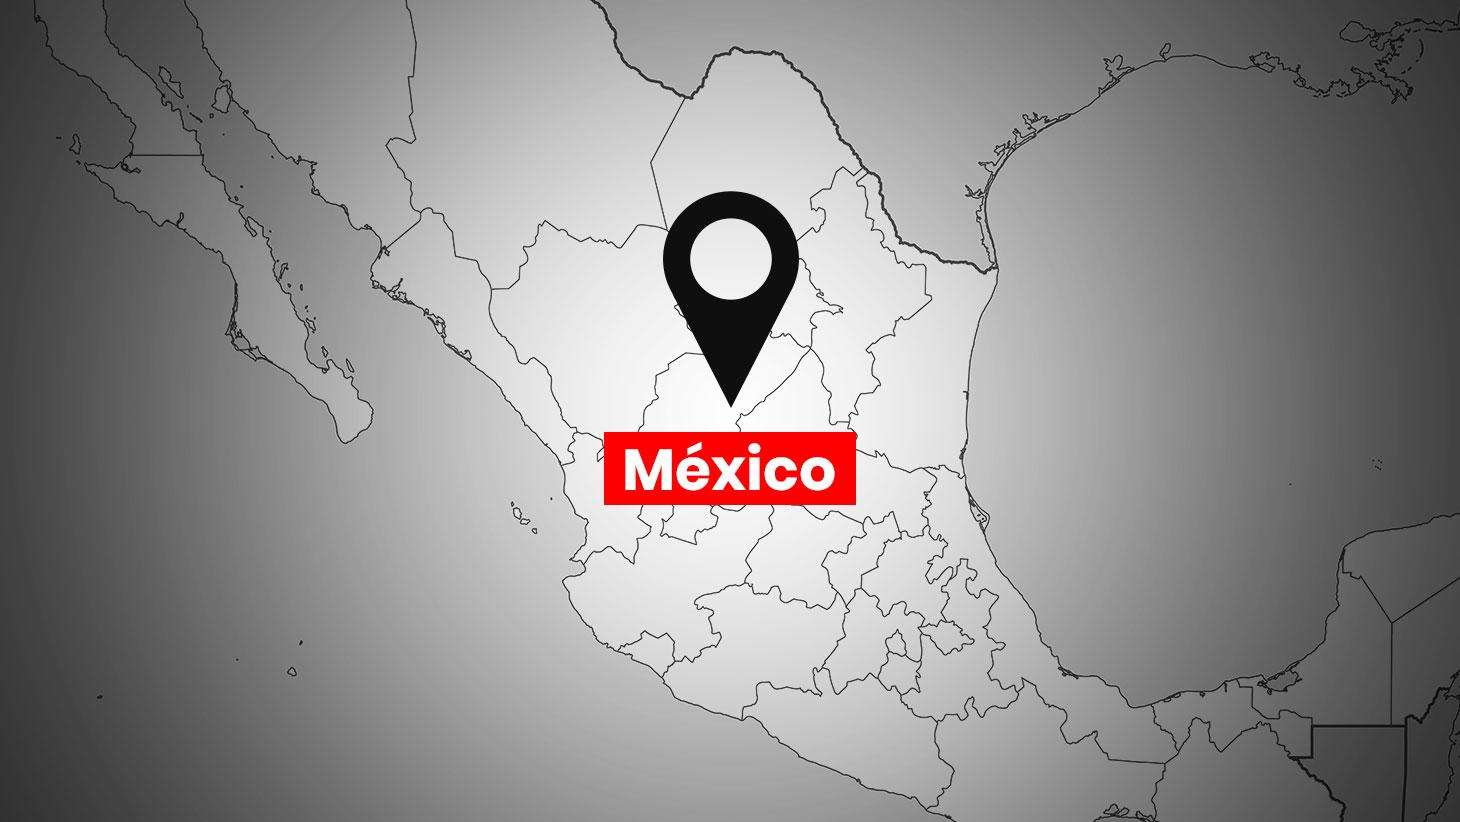 ESSS, representante Elite ANSYS, amplía su operación en México con una cartera completa de soluciones de simulación